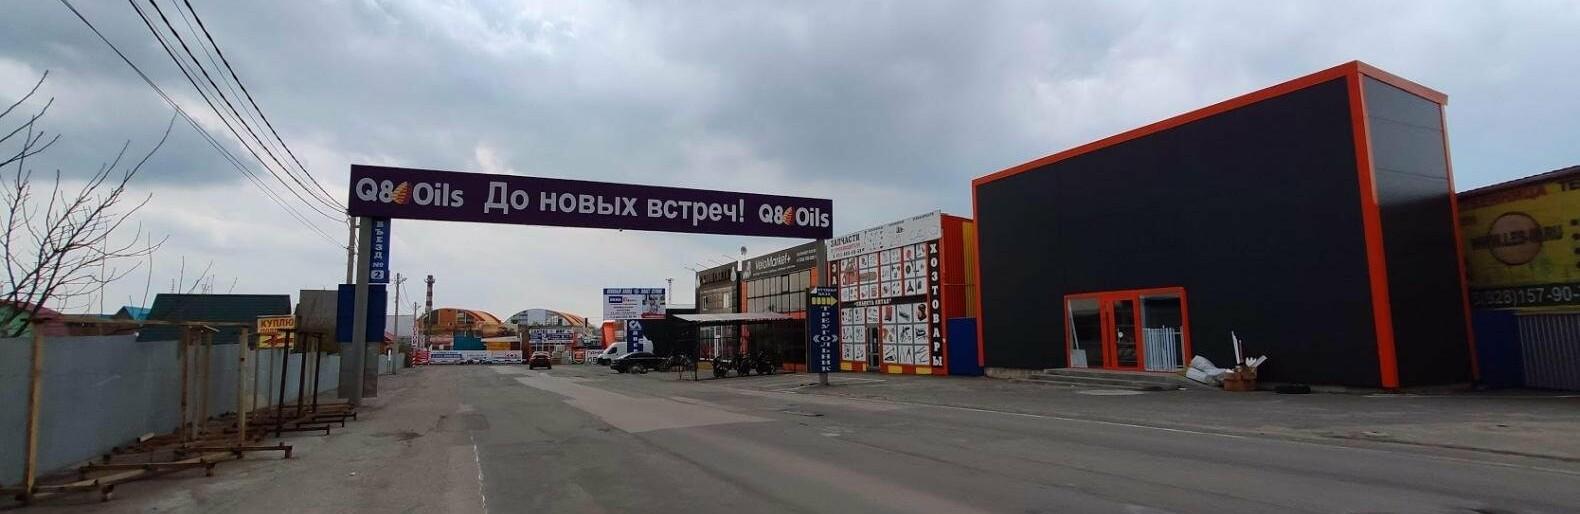 Прокуратура открыла горячую линию по нарушению прав при зачистке рынков под Ростовом